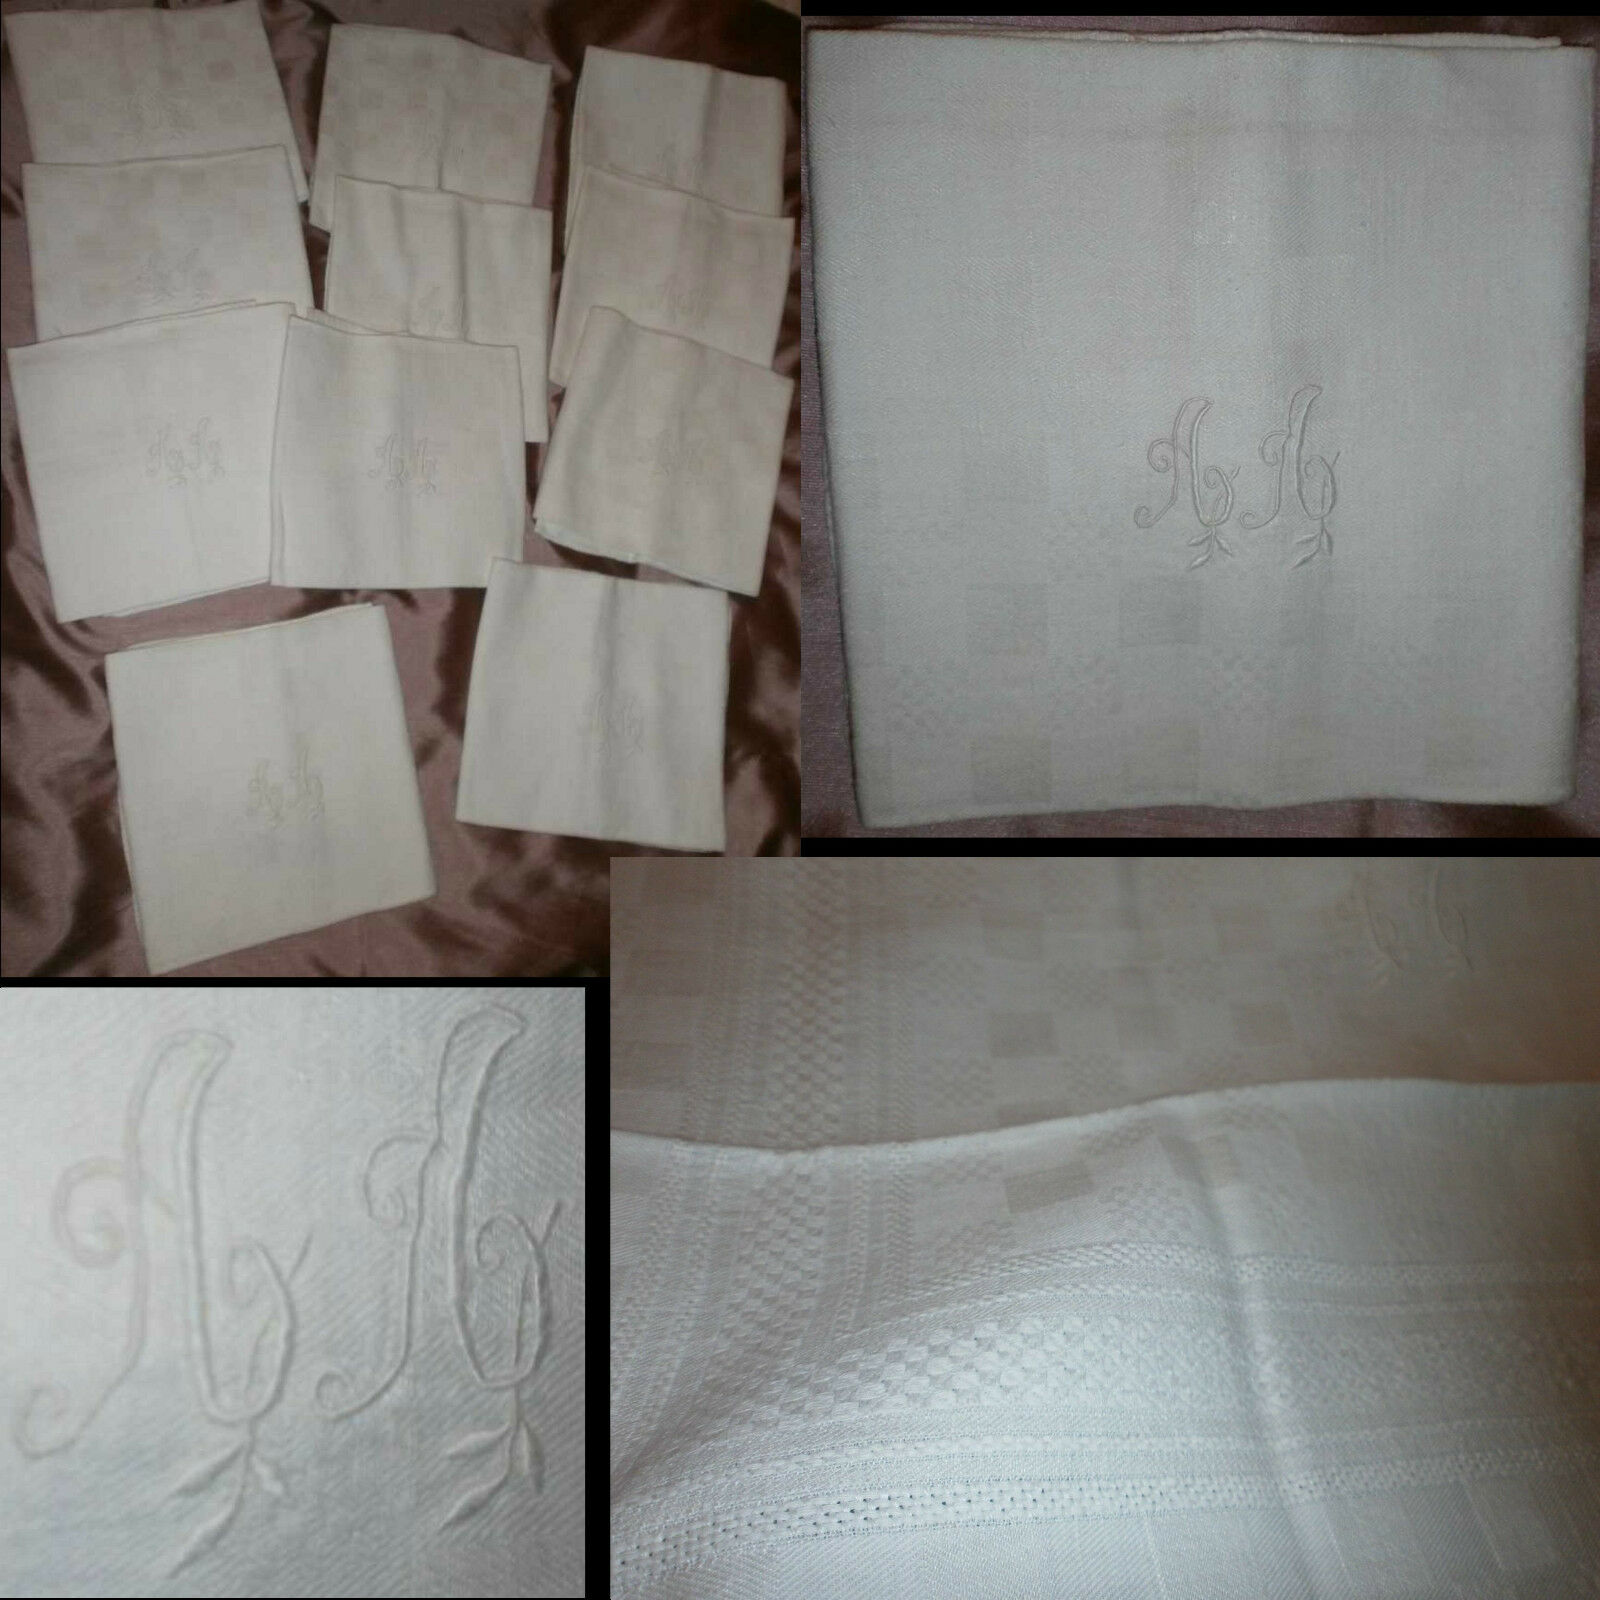 11 serviettes en damas de Coton motifs géométriques - Monogramme   A A   brodé